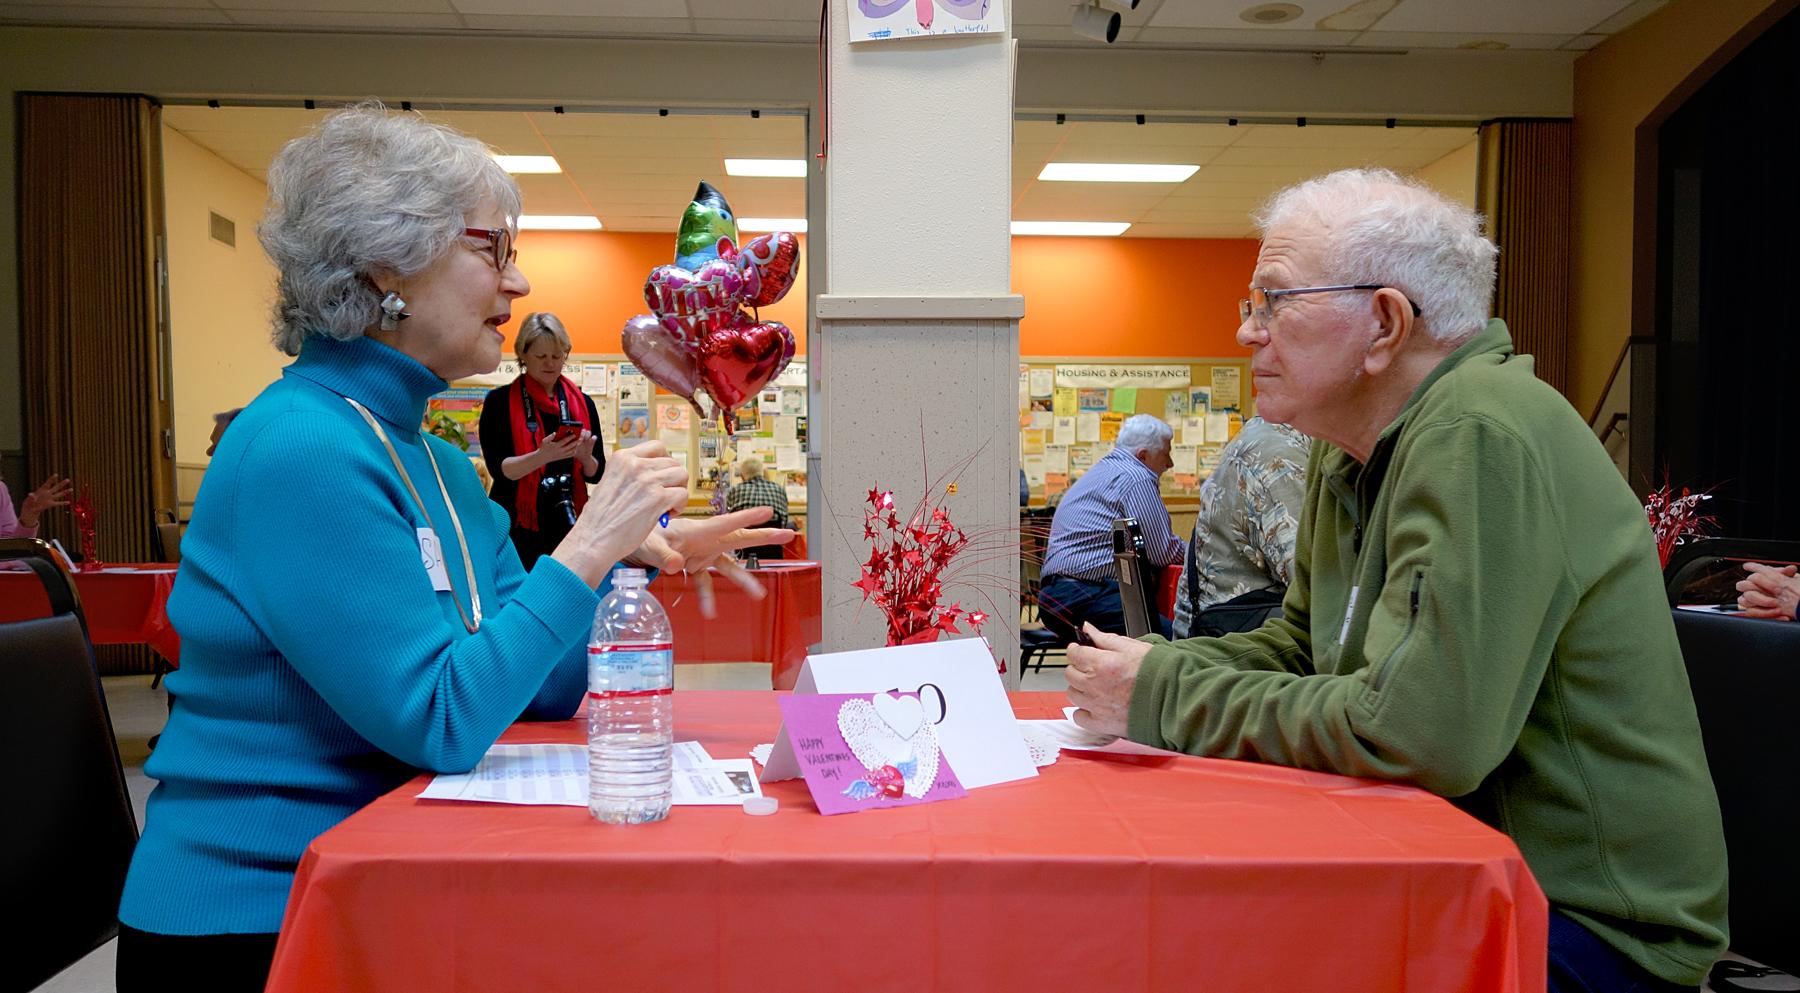 Speed dating seniors